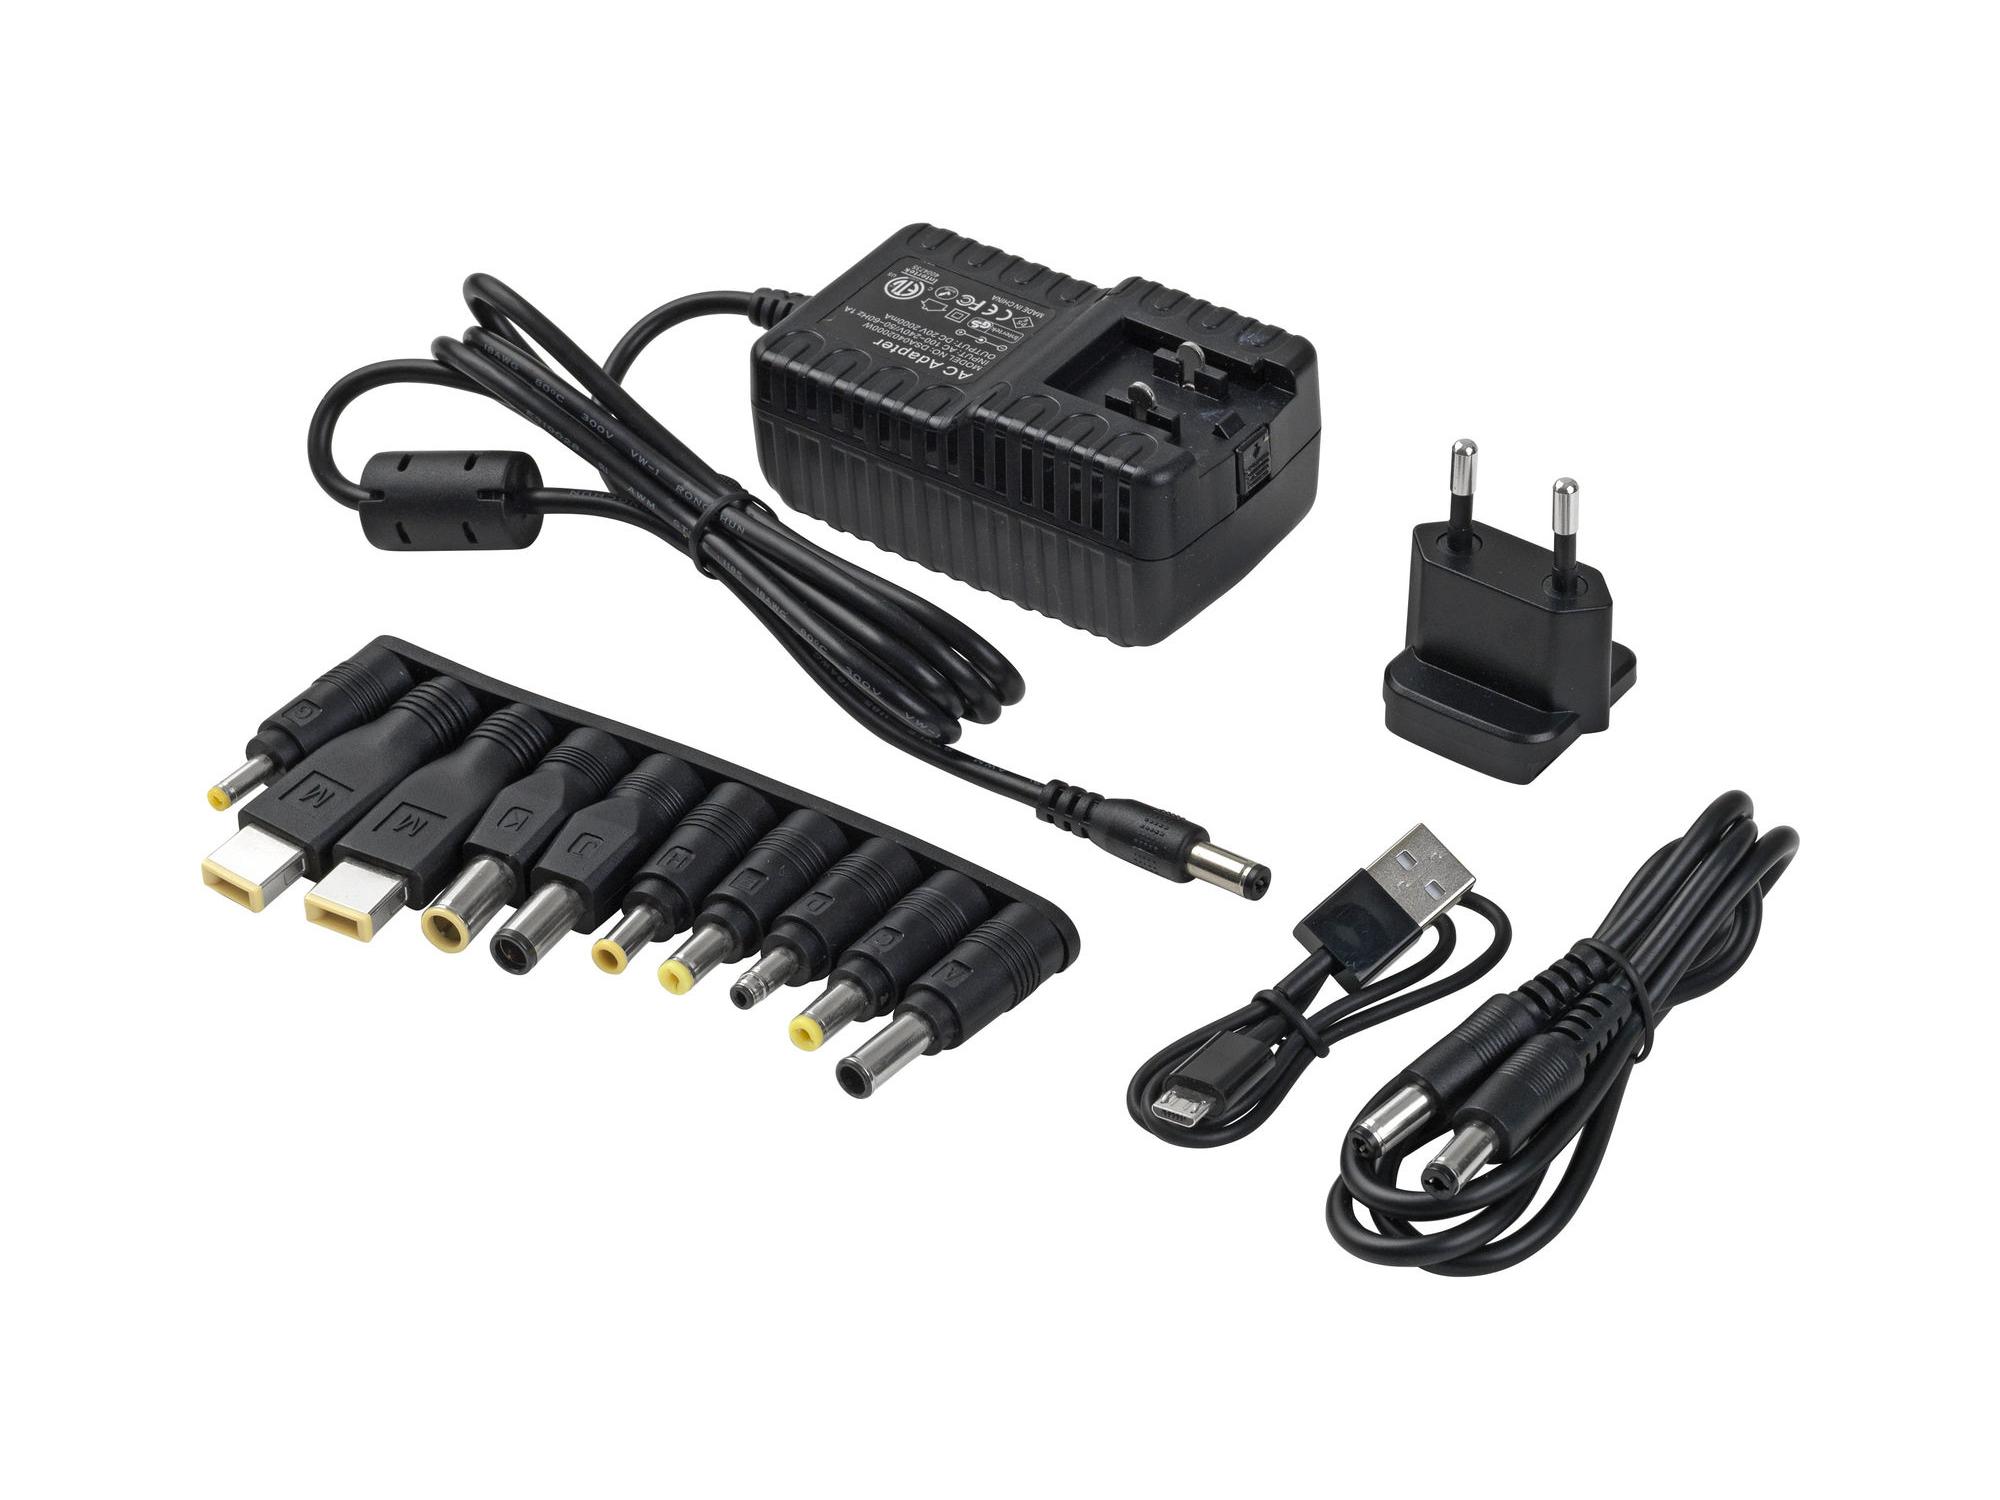 Baterie externa eStuff pentru laptop, smartphone, tableta, 32000mAh